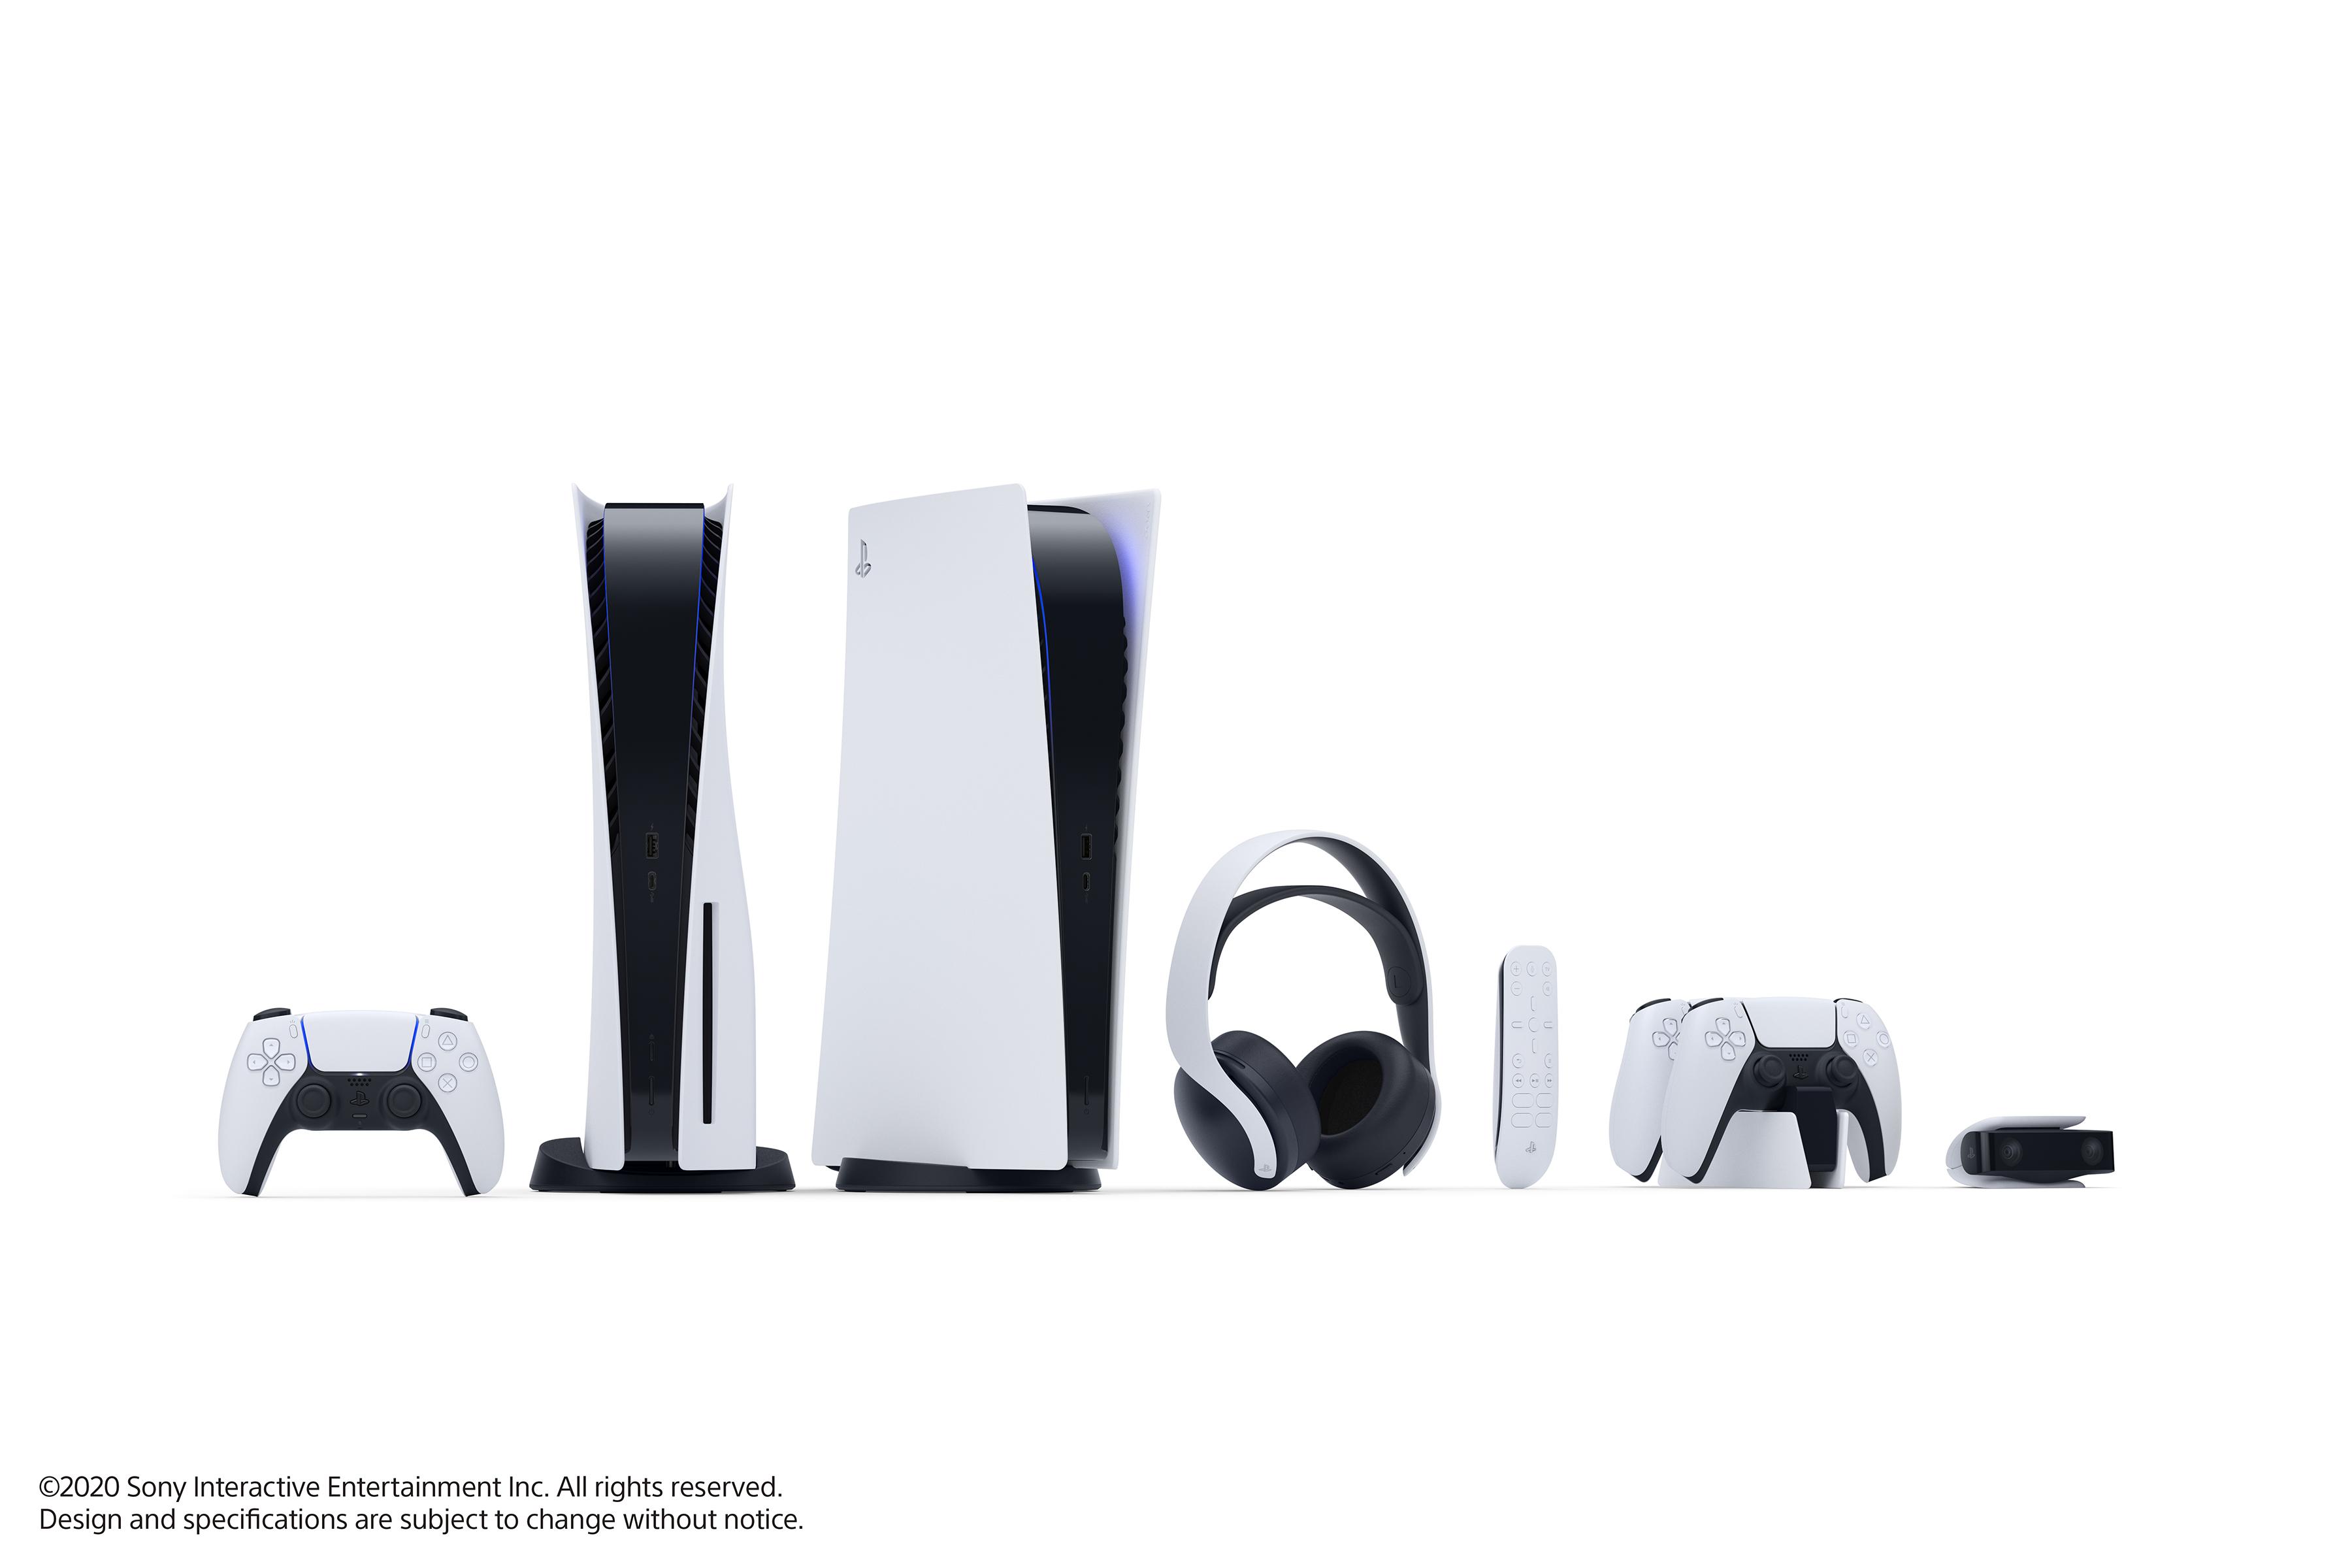 Rykte: Sony har ett Playstation 5-event den 6 augusti